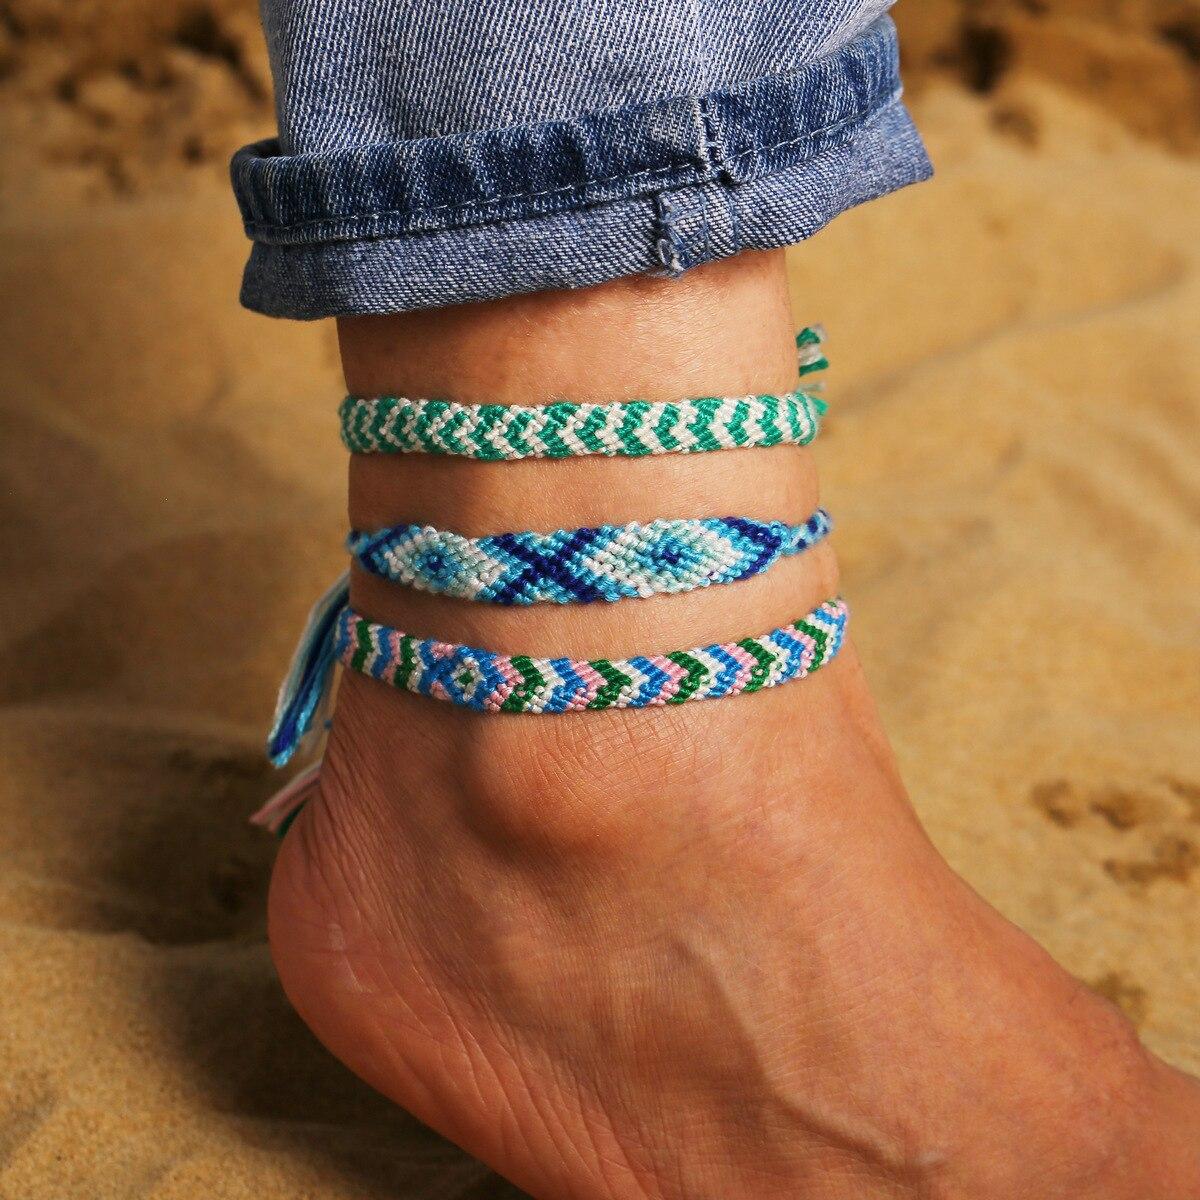 Bohemia Handmade Colorful Cotton Anklet Bracelet Female 2020 Summer Beach Sandal Leg Bracelet Vintage Rope String Ankle Bracelet 4